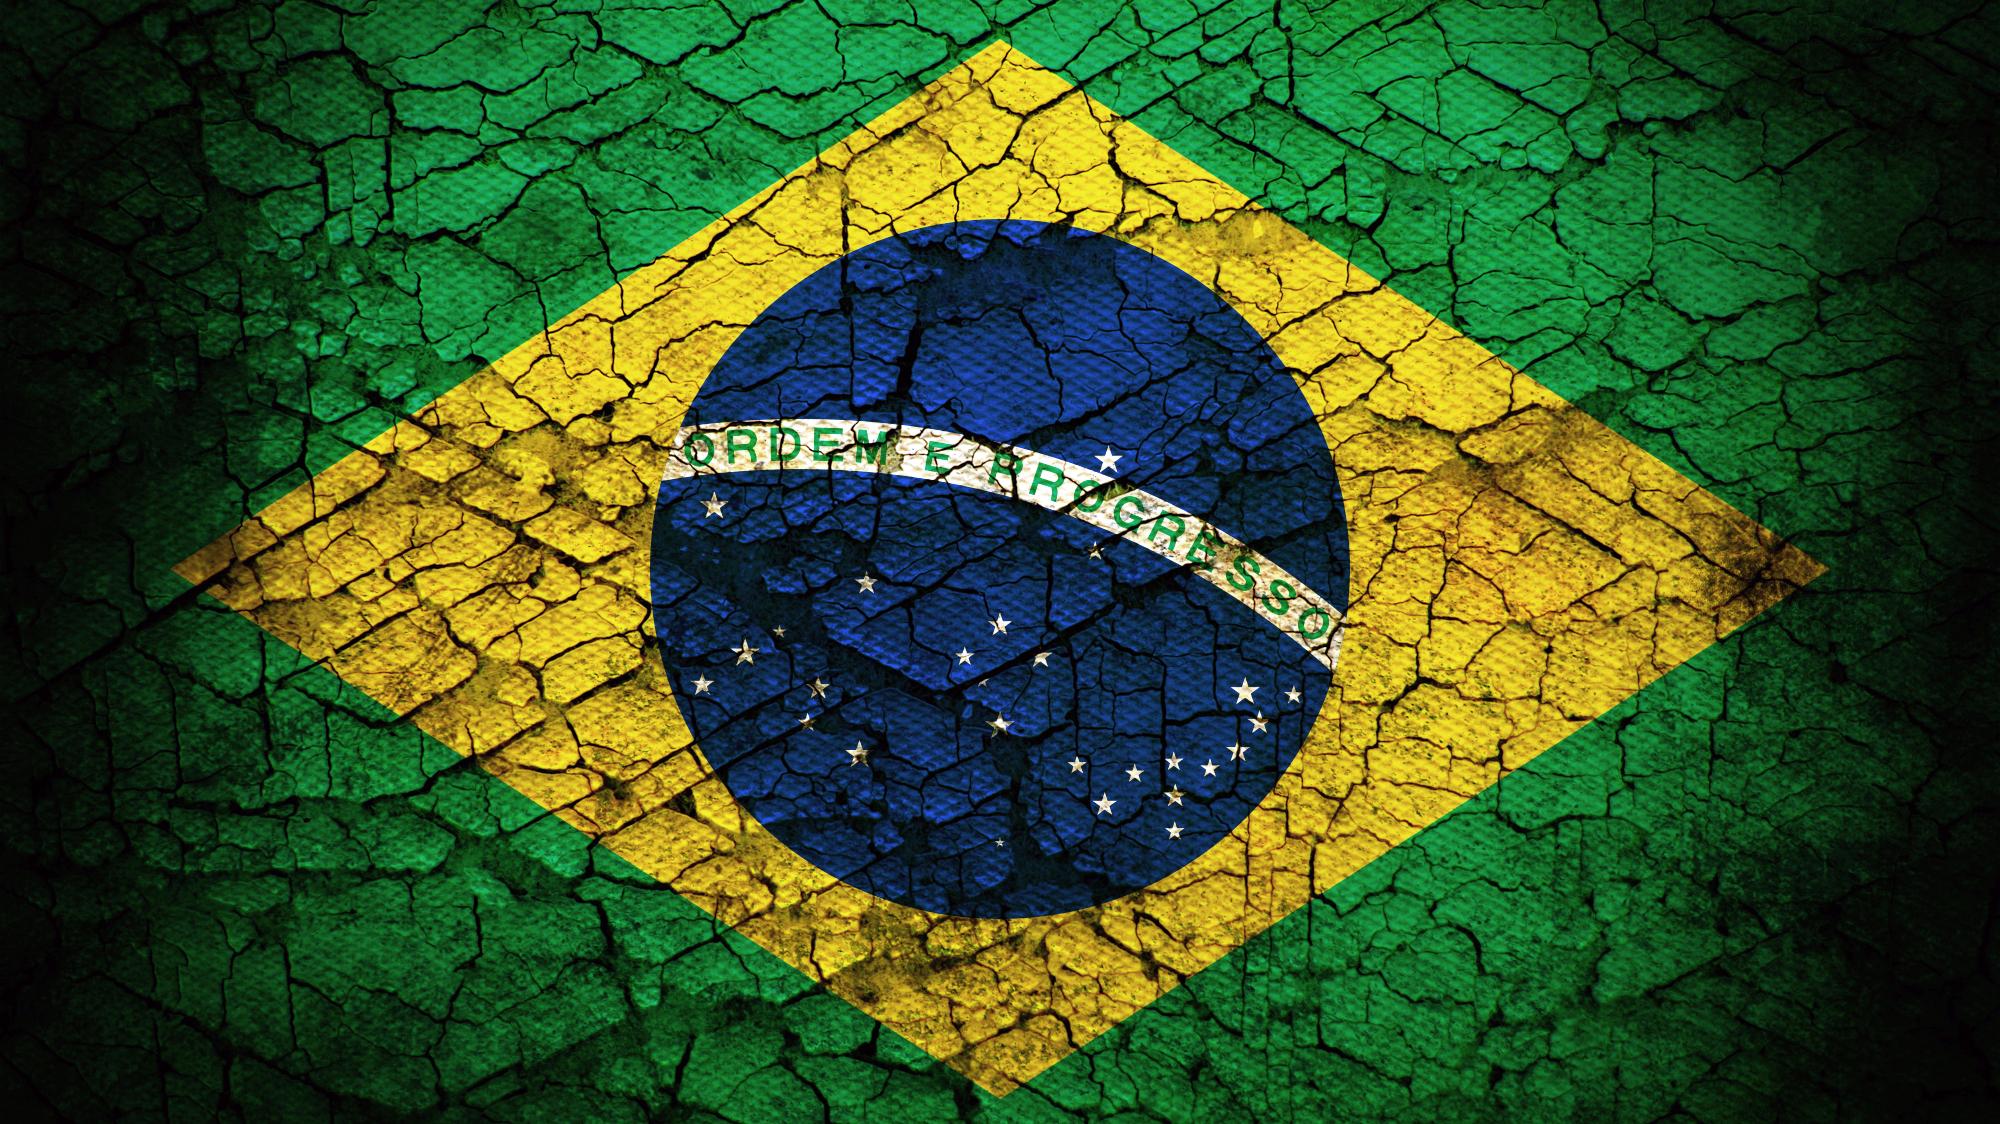 количество любителей флаг бразилии фото обои найдете шаблоны